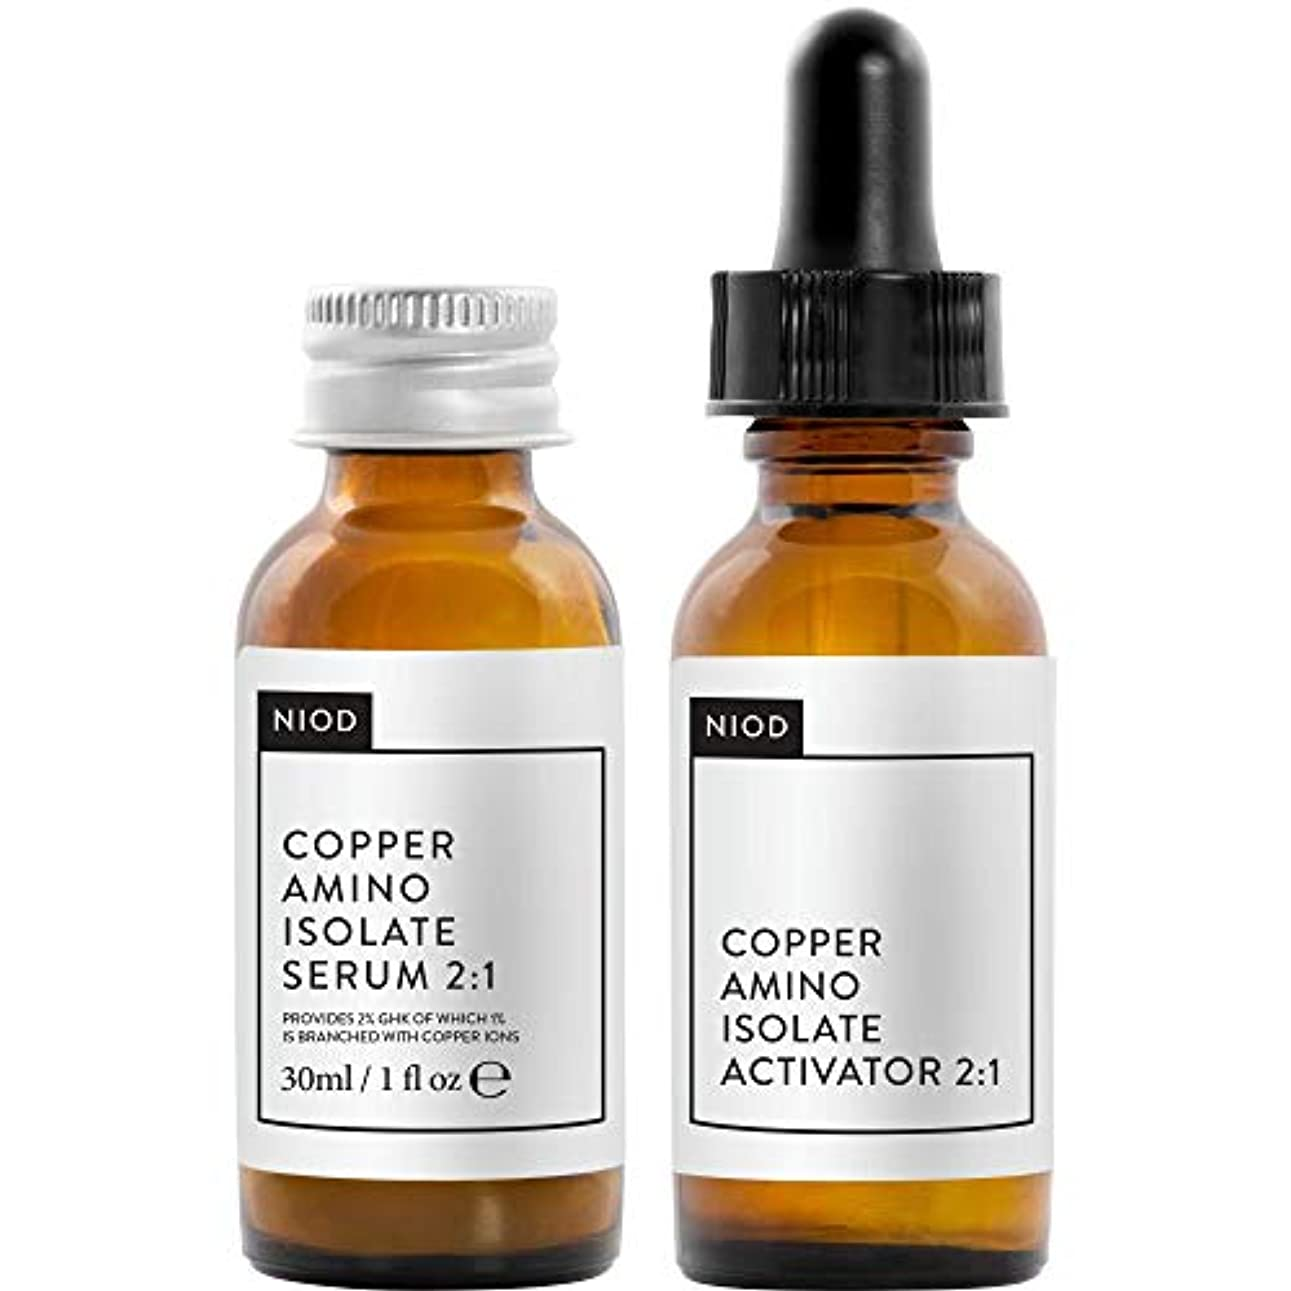 改善するクリップ配分[NIOD] Niod銅アミノ分離株の血清2:1 30ミリリットル - NIOD Copper Amino Isolate Serum 2:1 30ml [並行輸入品]